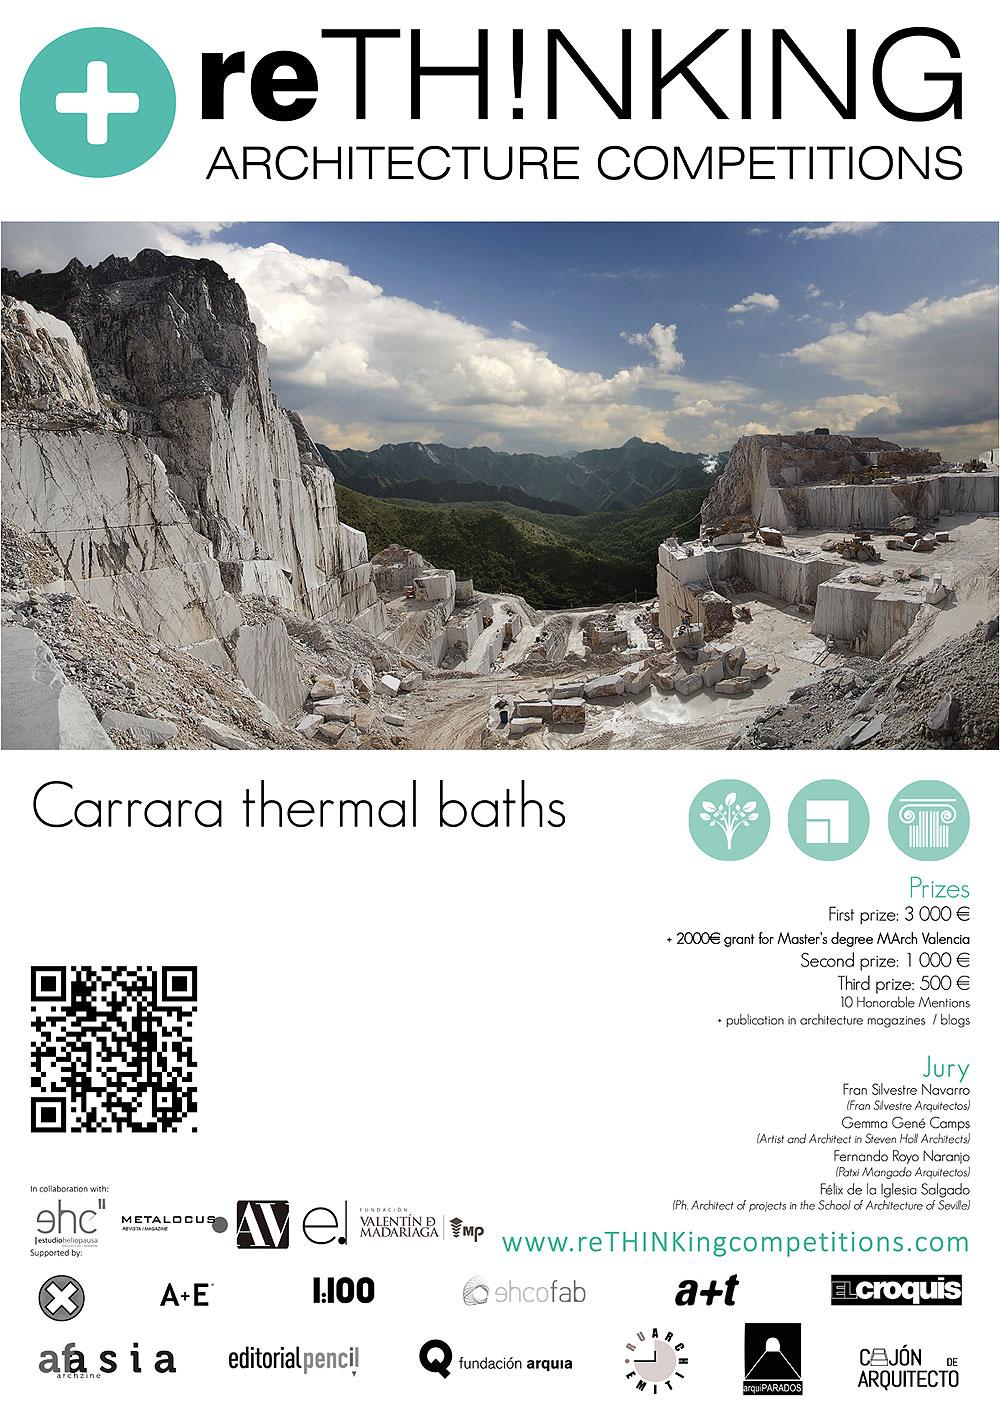 concurso-carrara-thermal-baths (1)